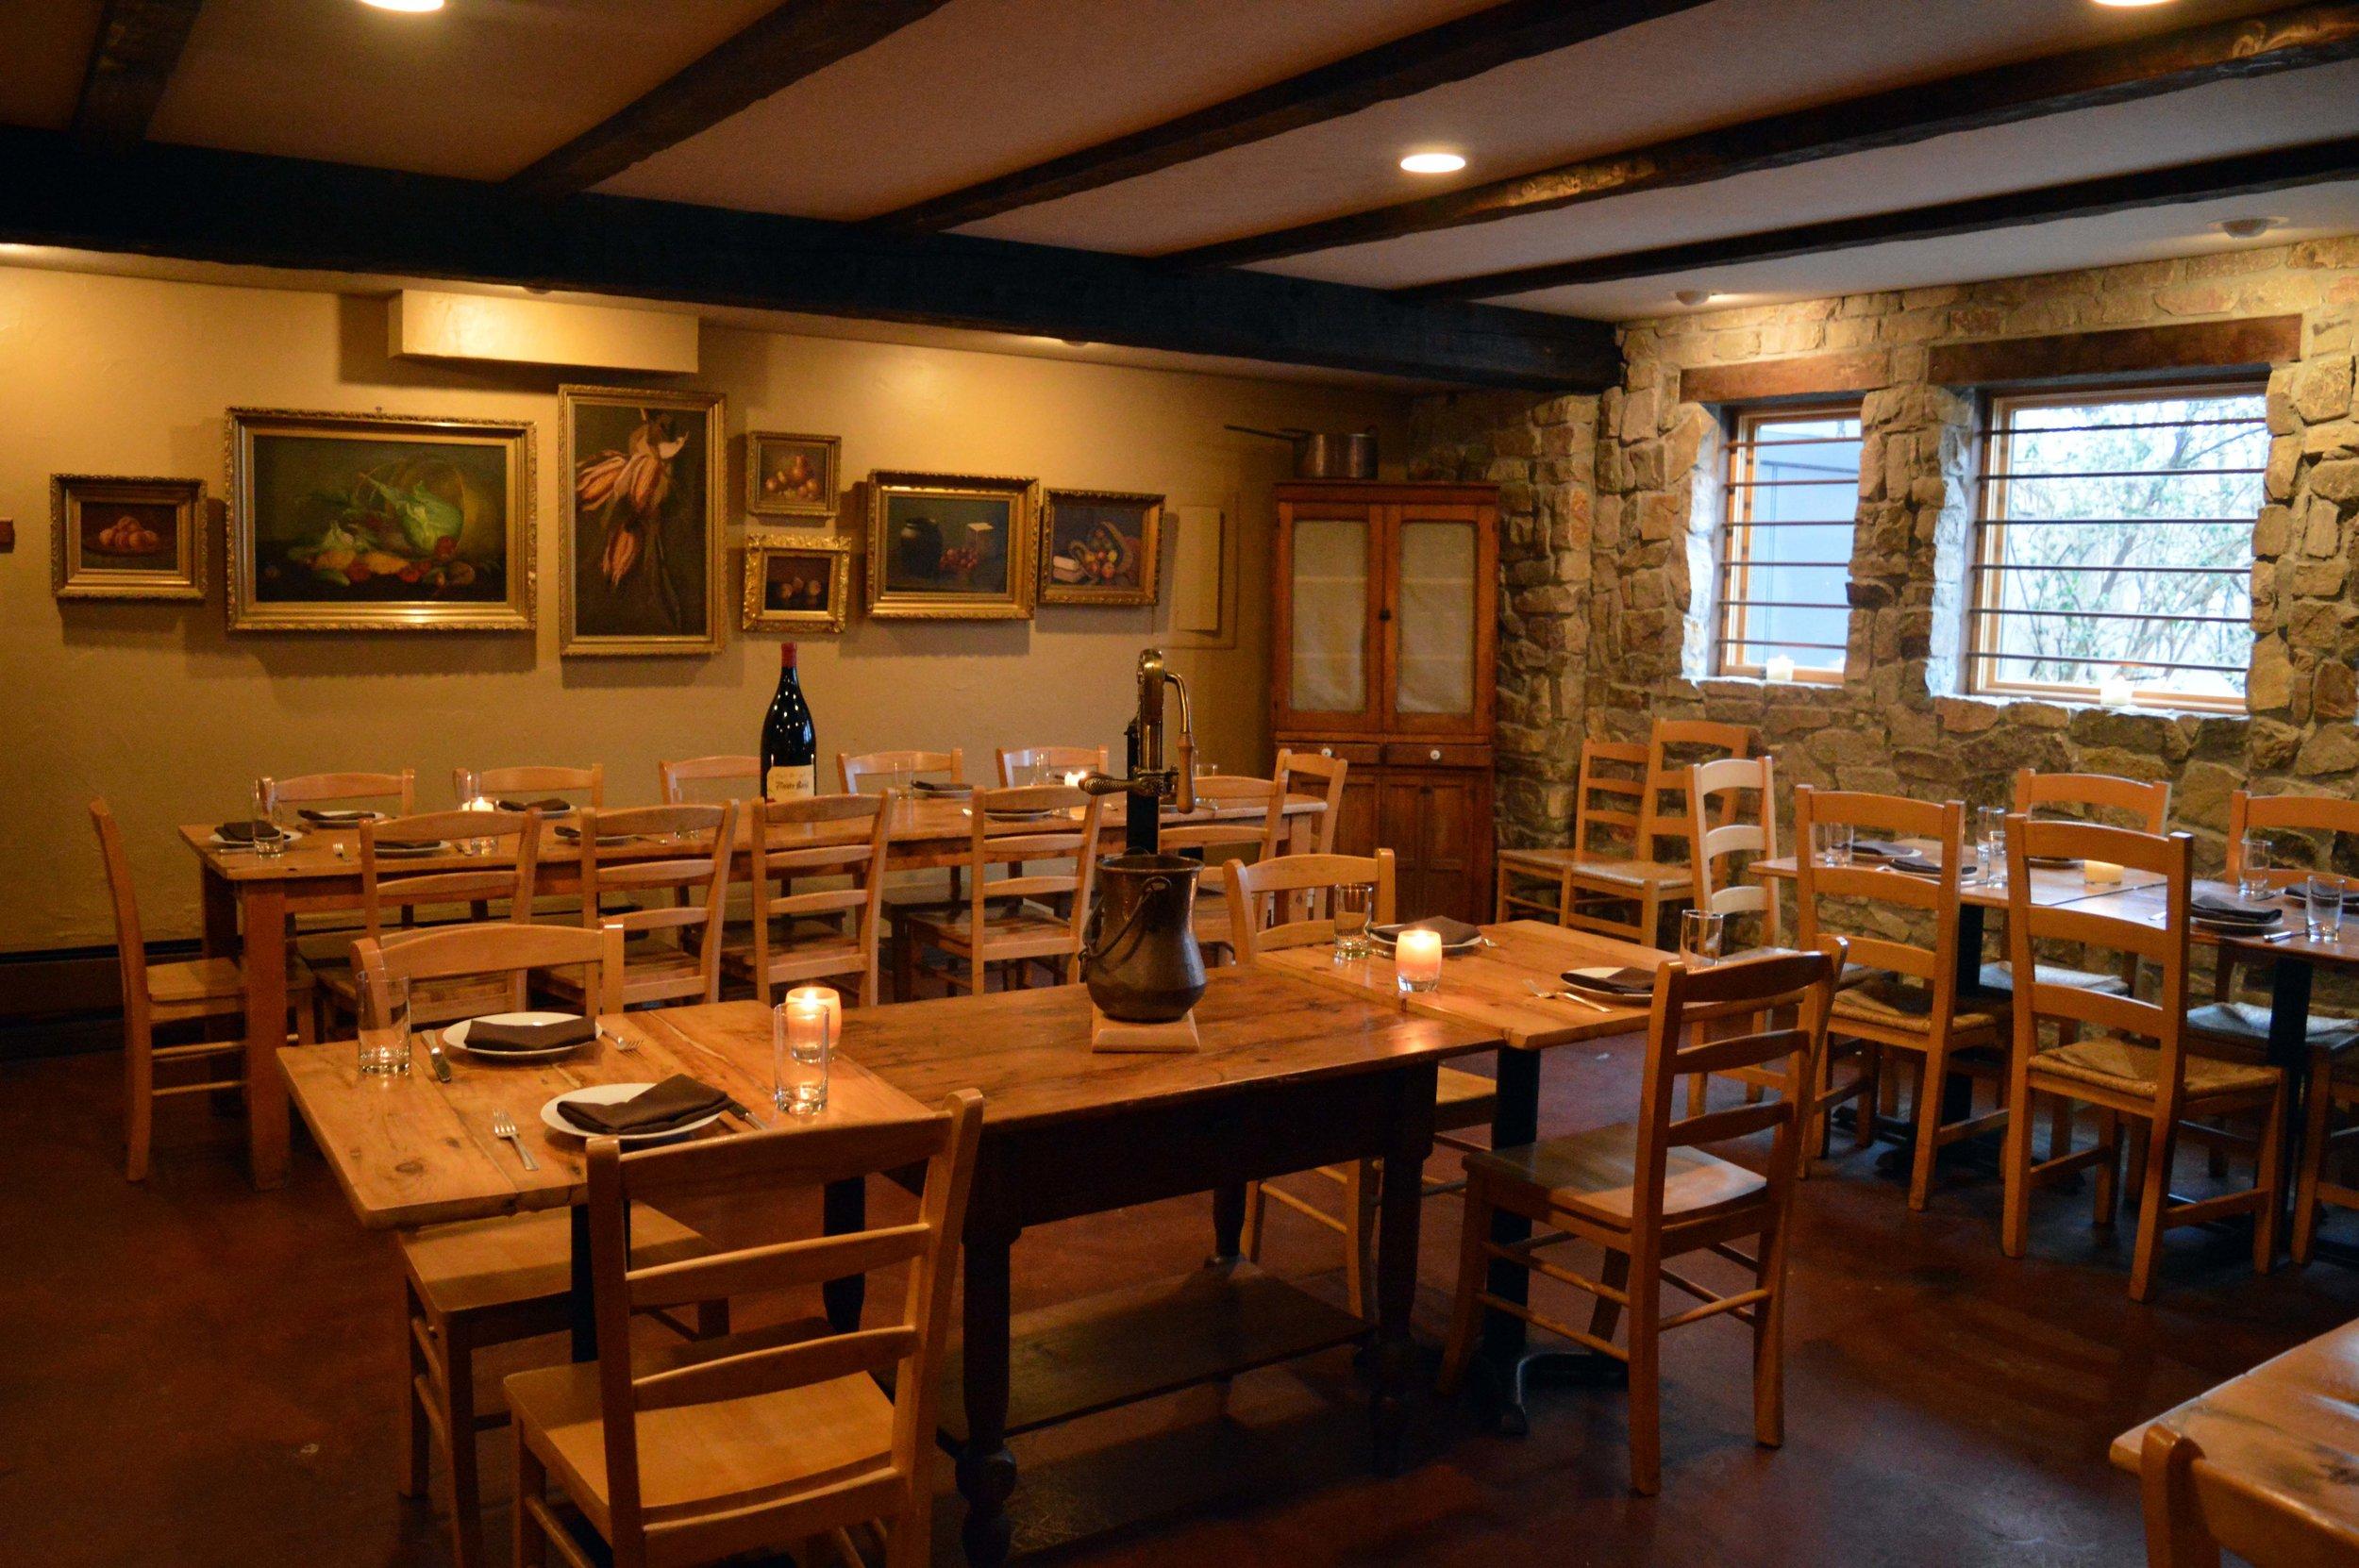 pd_harvest_dining_room.jpg